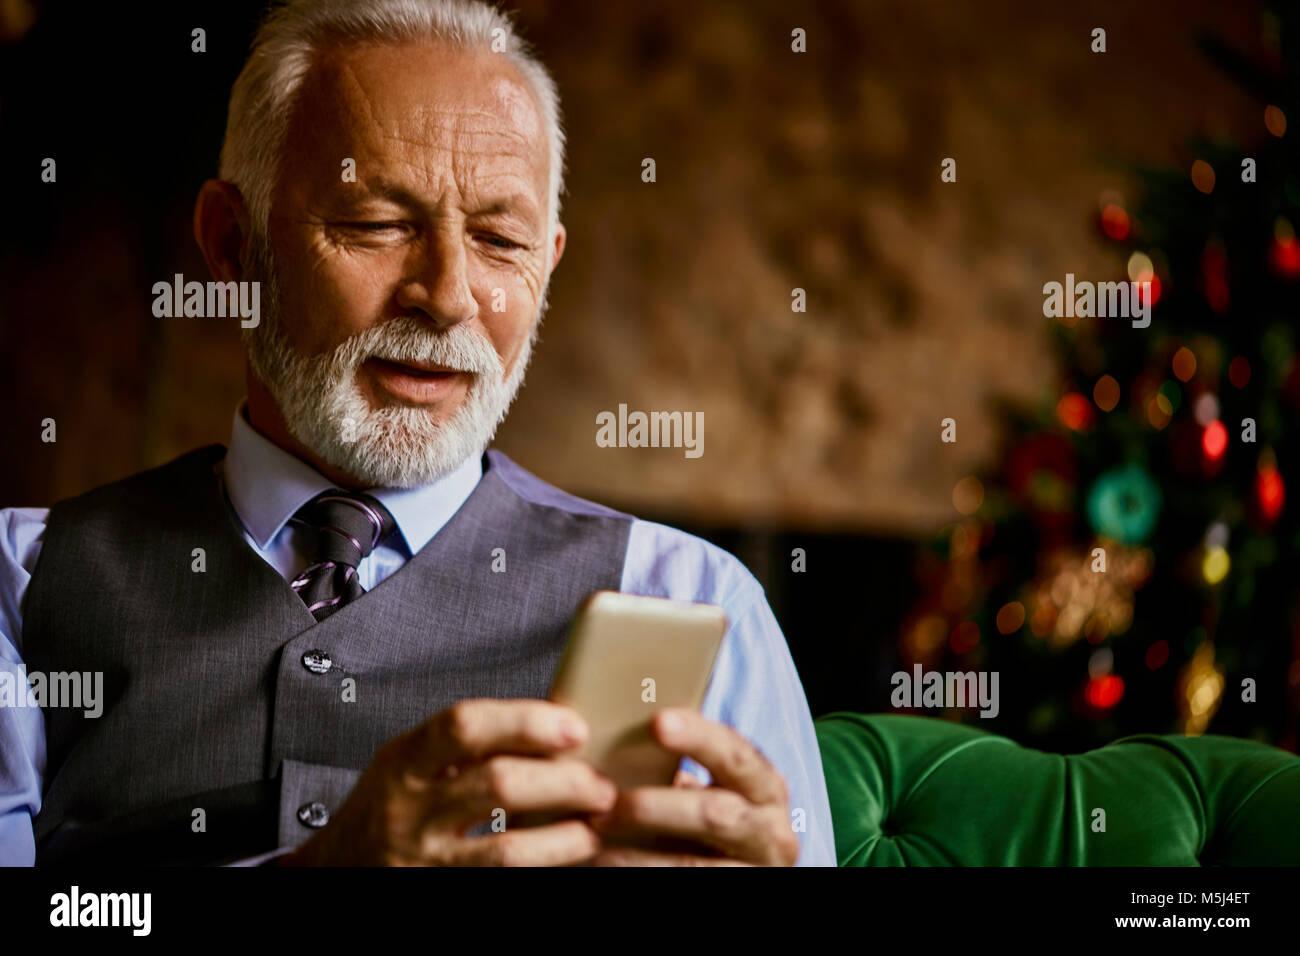 Senior elegante hombre utilizando teléfono celular Imagen De Stock